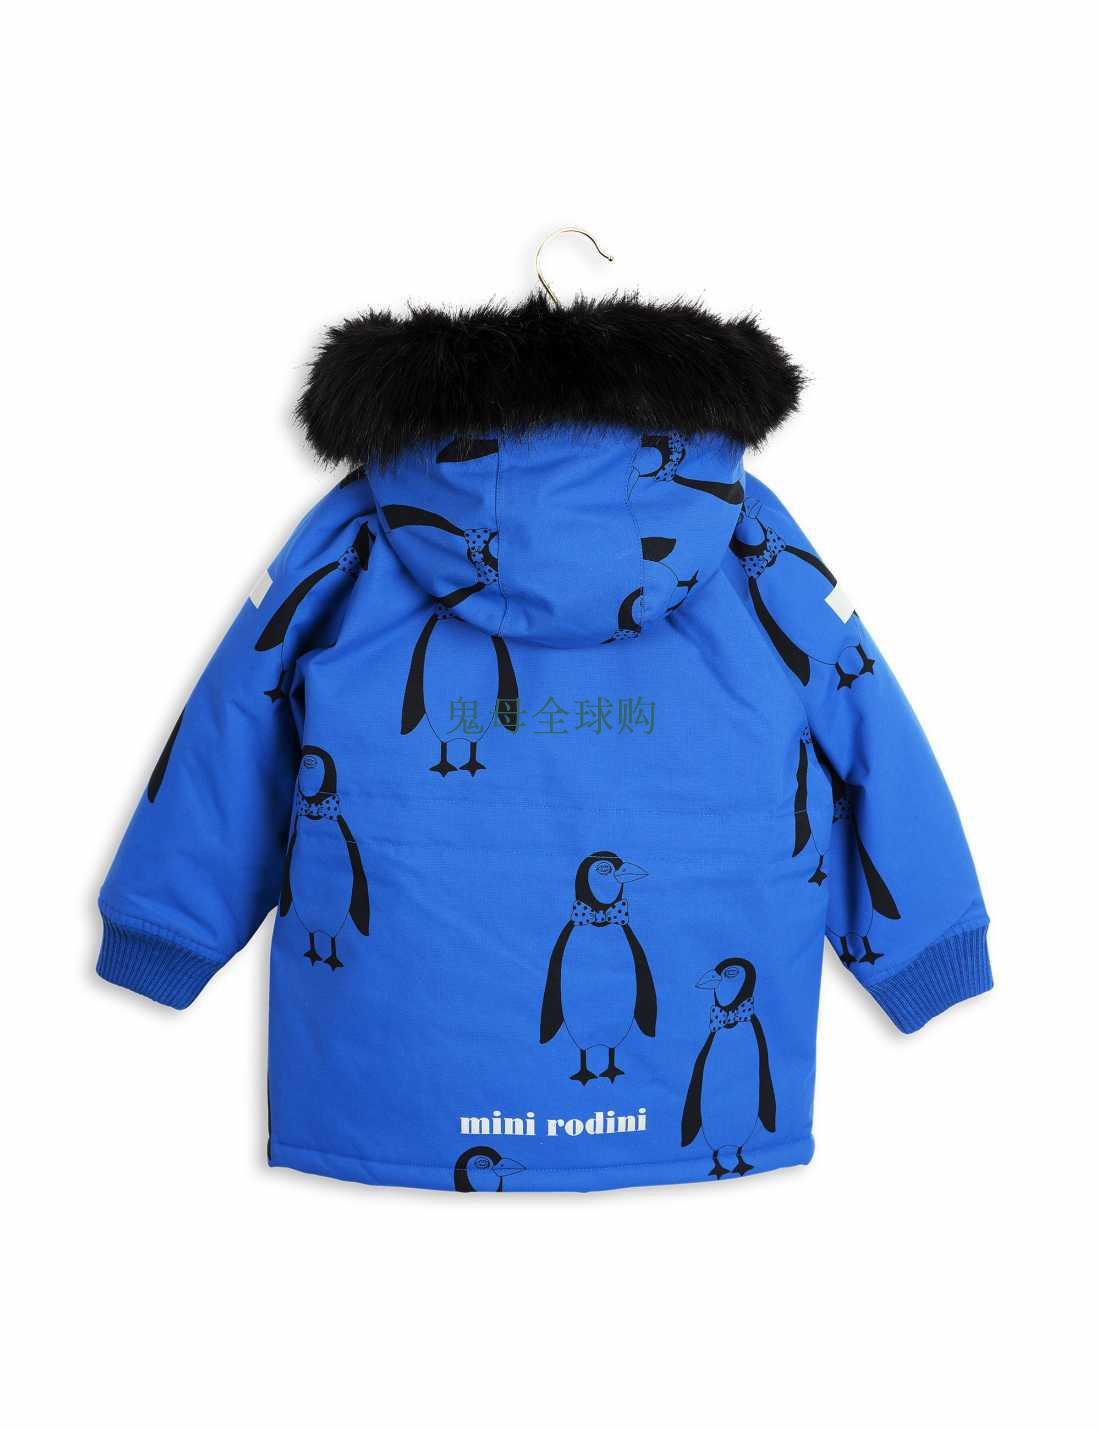 детская куртка Mini rodini